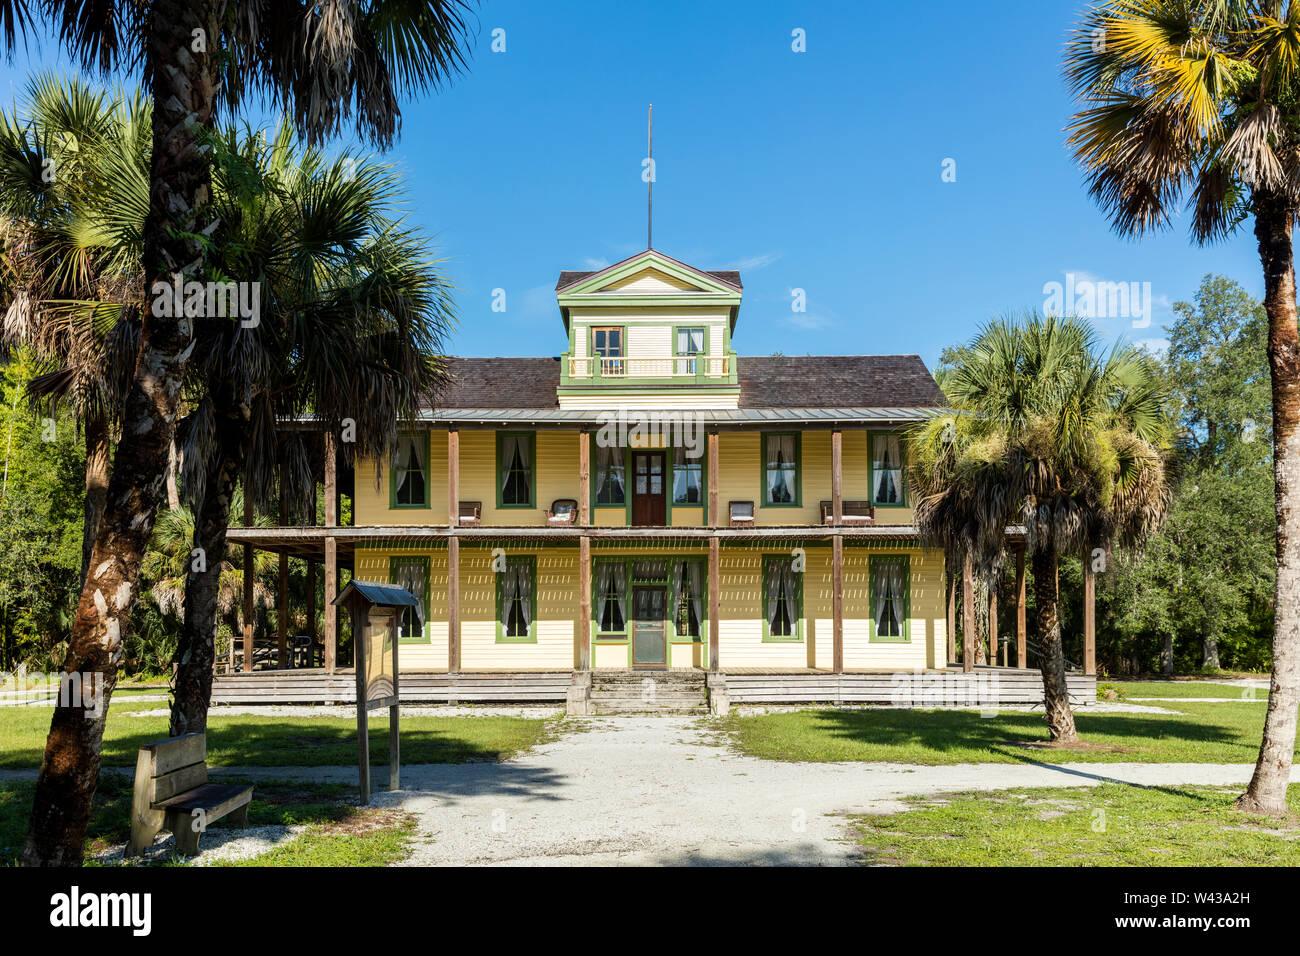 El edificio del Tribunal de planetarios (B). 1904) en los terrenos del asentamiento histórico Koreshan - una comuna utópica del siglo XIX, Estero, Florida, EE.UU. Foto de stock